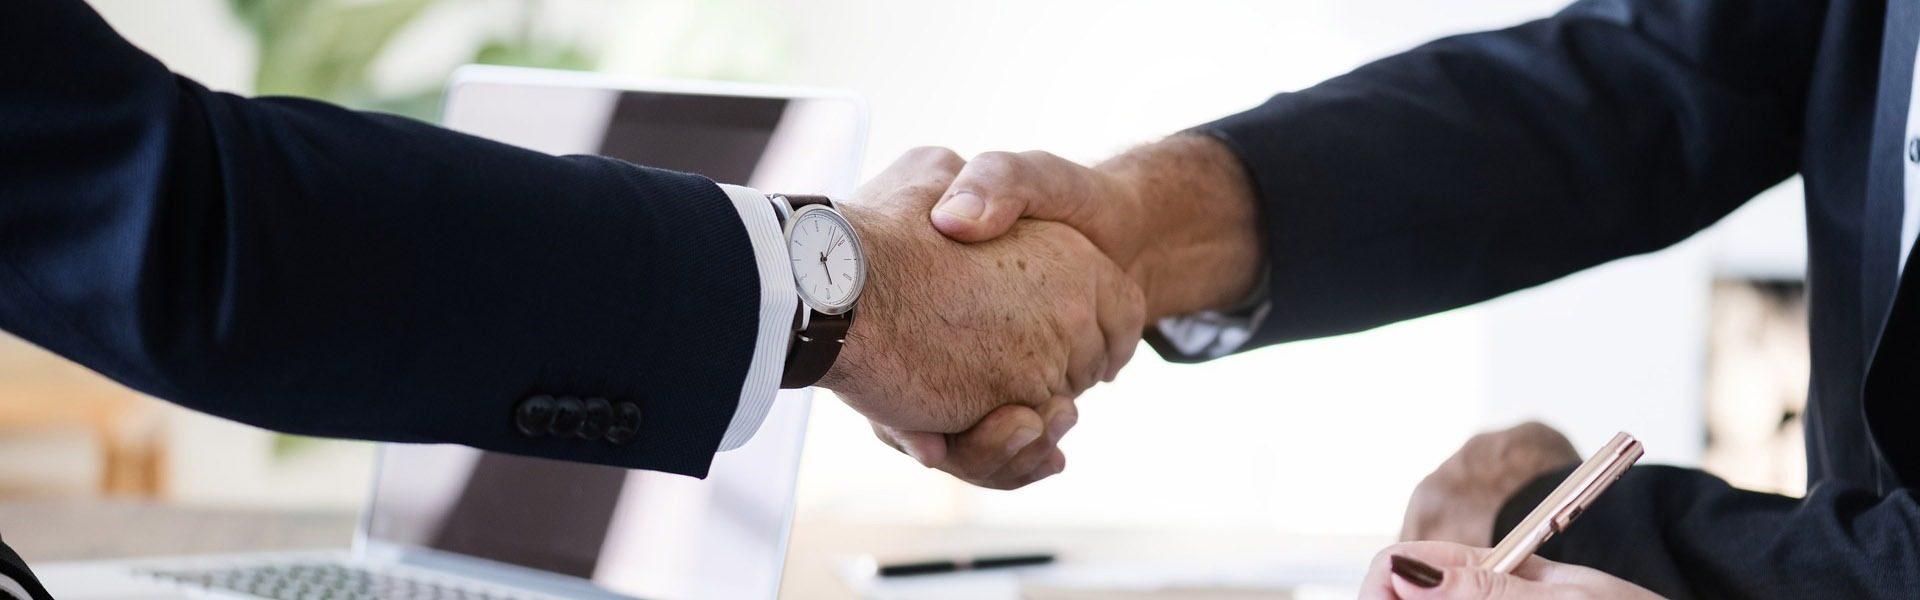 Κατηγορίες πελατών μας - ΠΡΟΣΤΑΣΙΑ ΖΑΪΡΗΣ